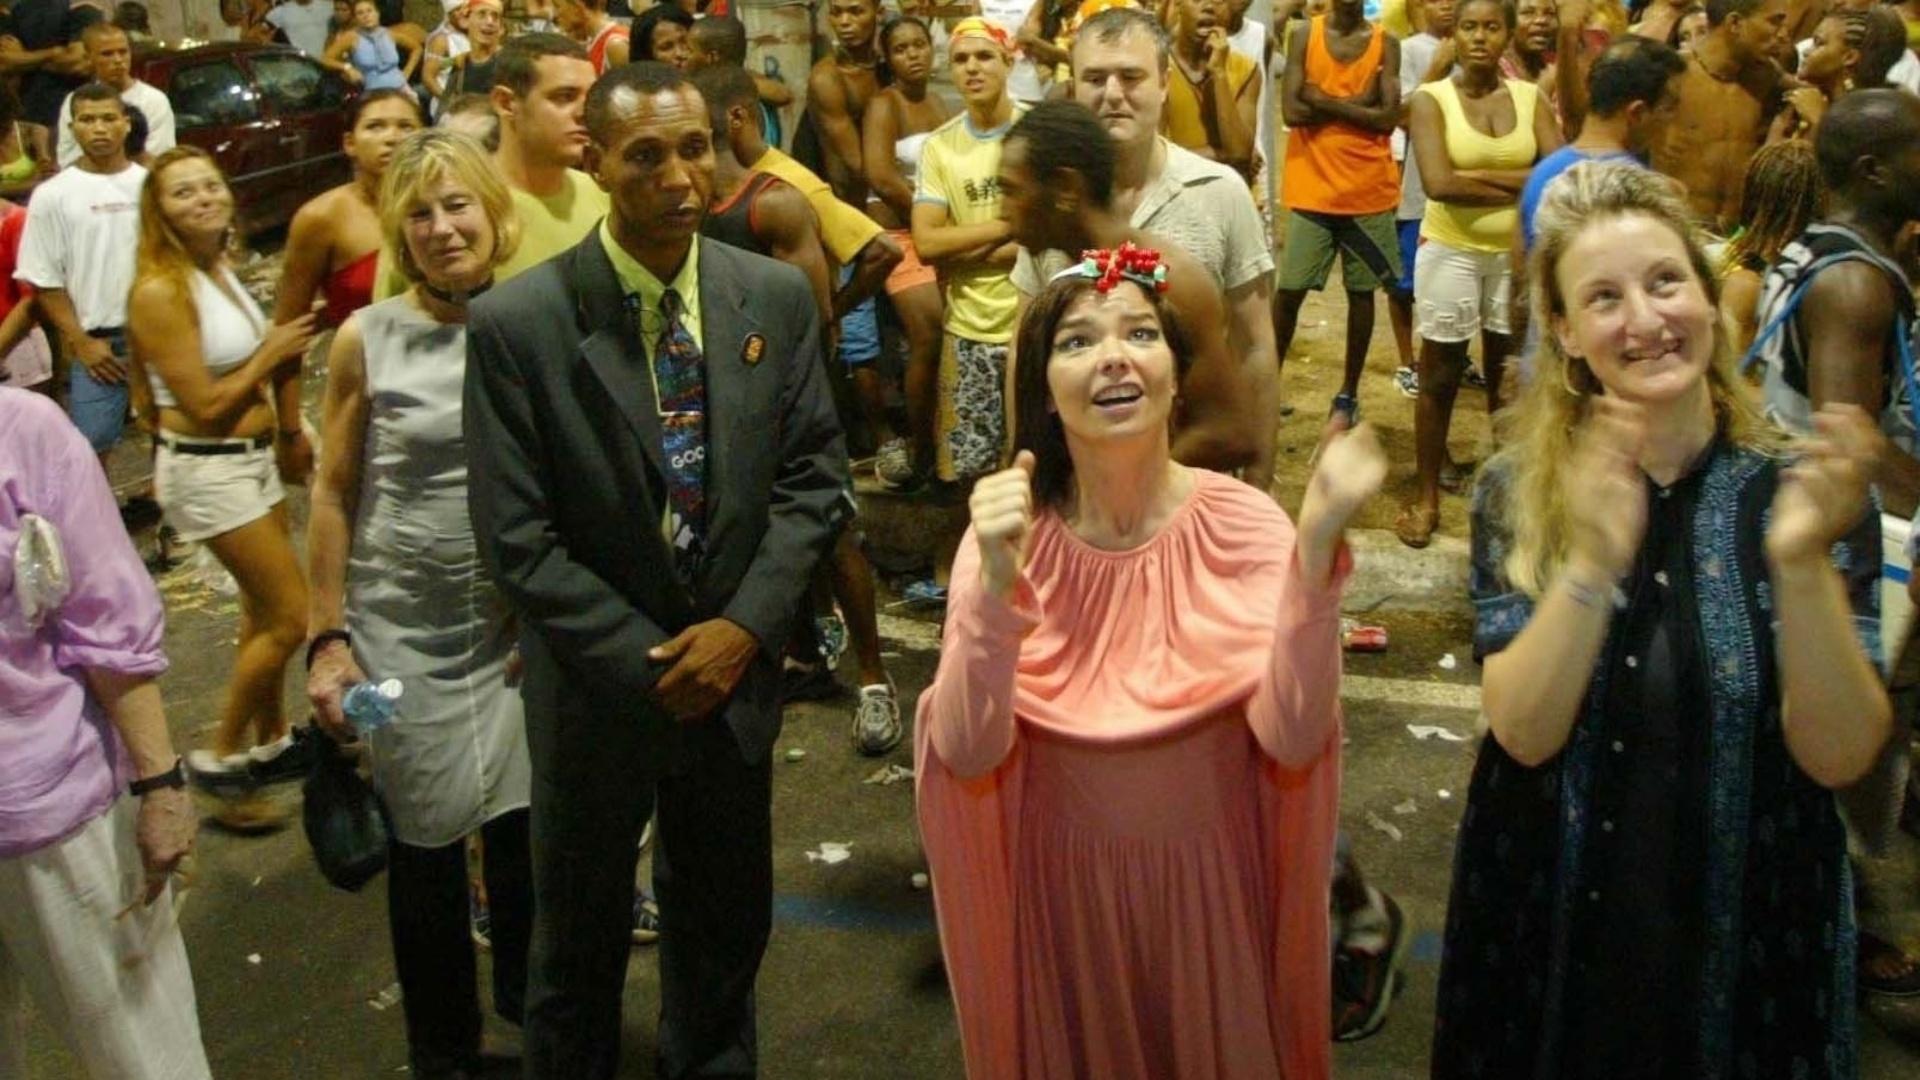 23.fev.2004 - Björk veio ao Carnaval de Salvador em 2004 para acompanhar o trio elétrico construído por seu marido, o artista plástico Matthew Barney